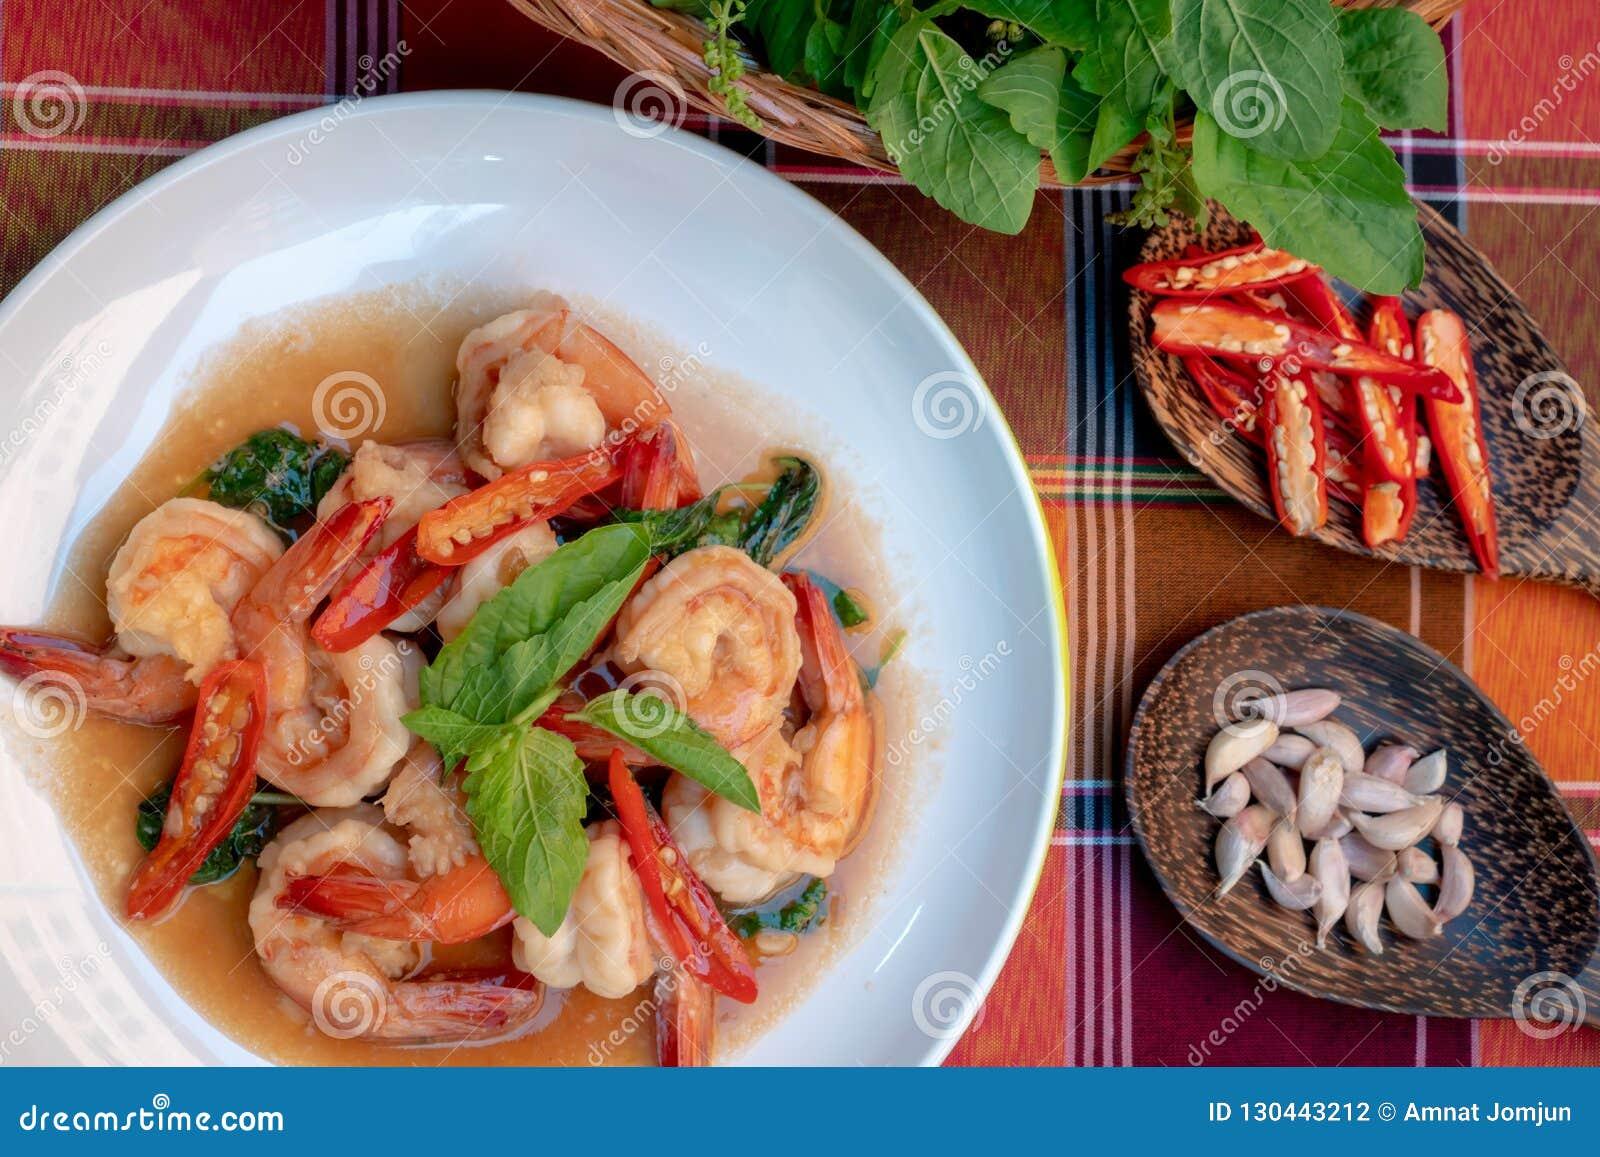 Crevettes frites avec des feuilles de basilic doux, nourriture thaïlandaise épicée